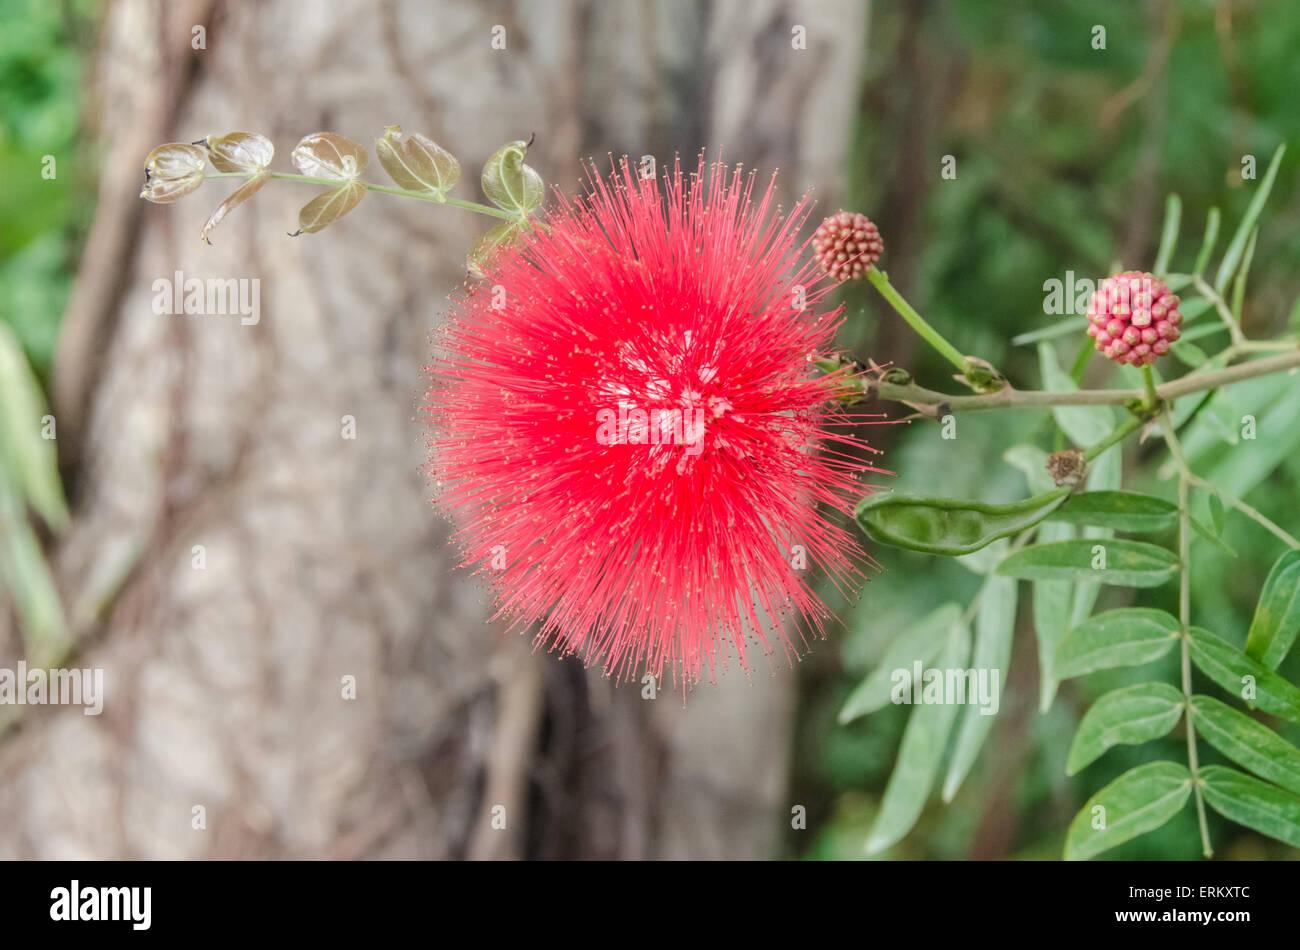 Red Bottle Brush Tree Callistemon Flower Stockfotos & Red ...